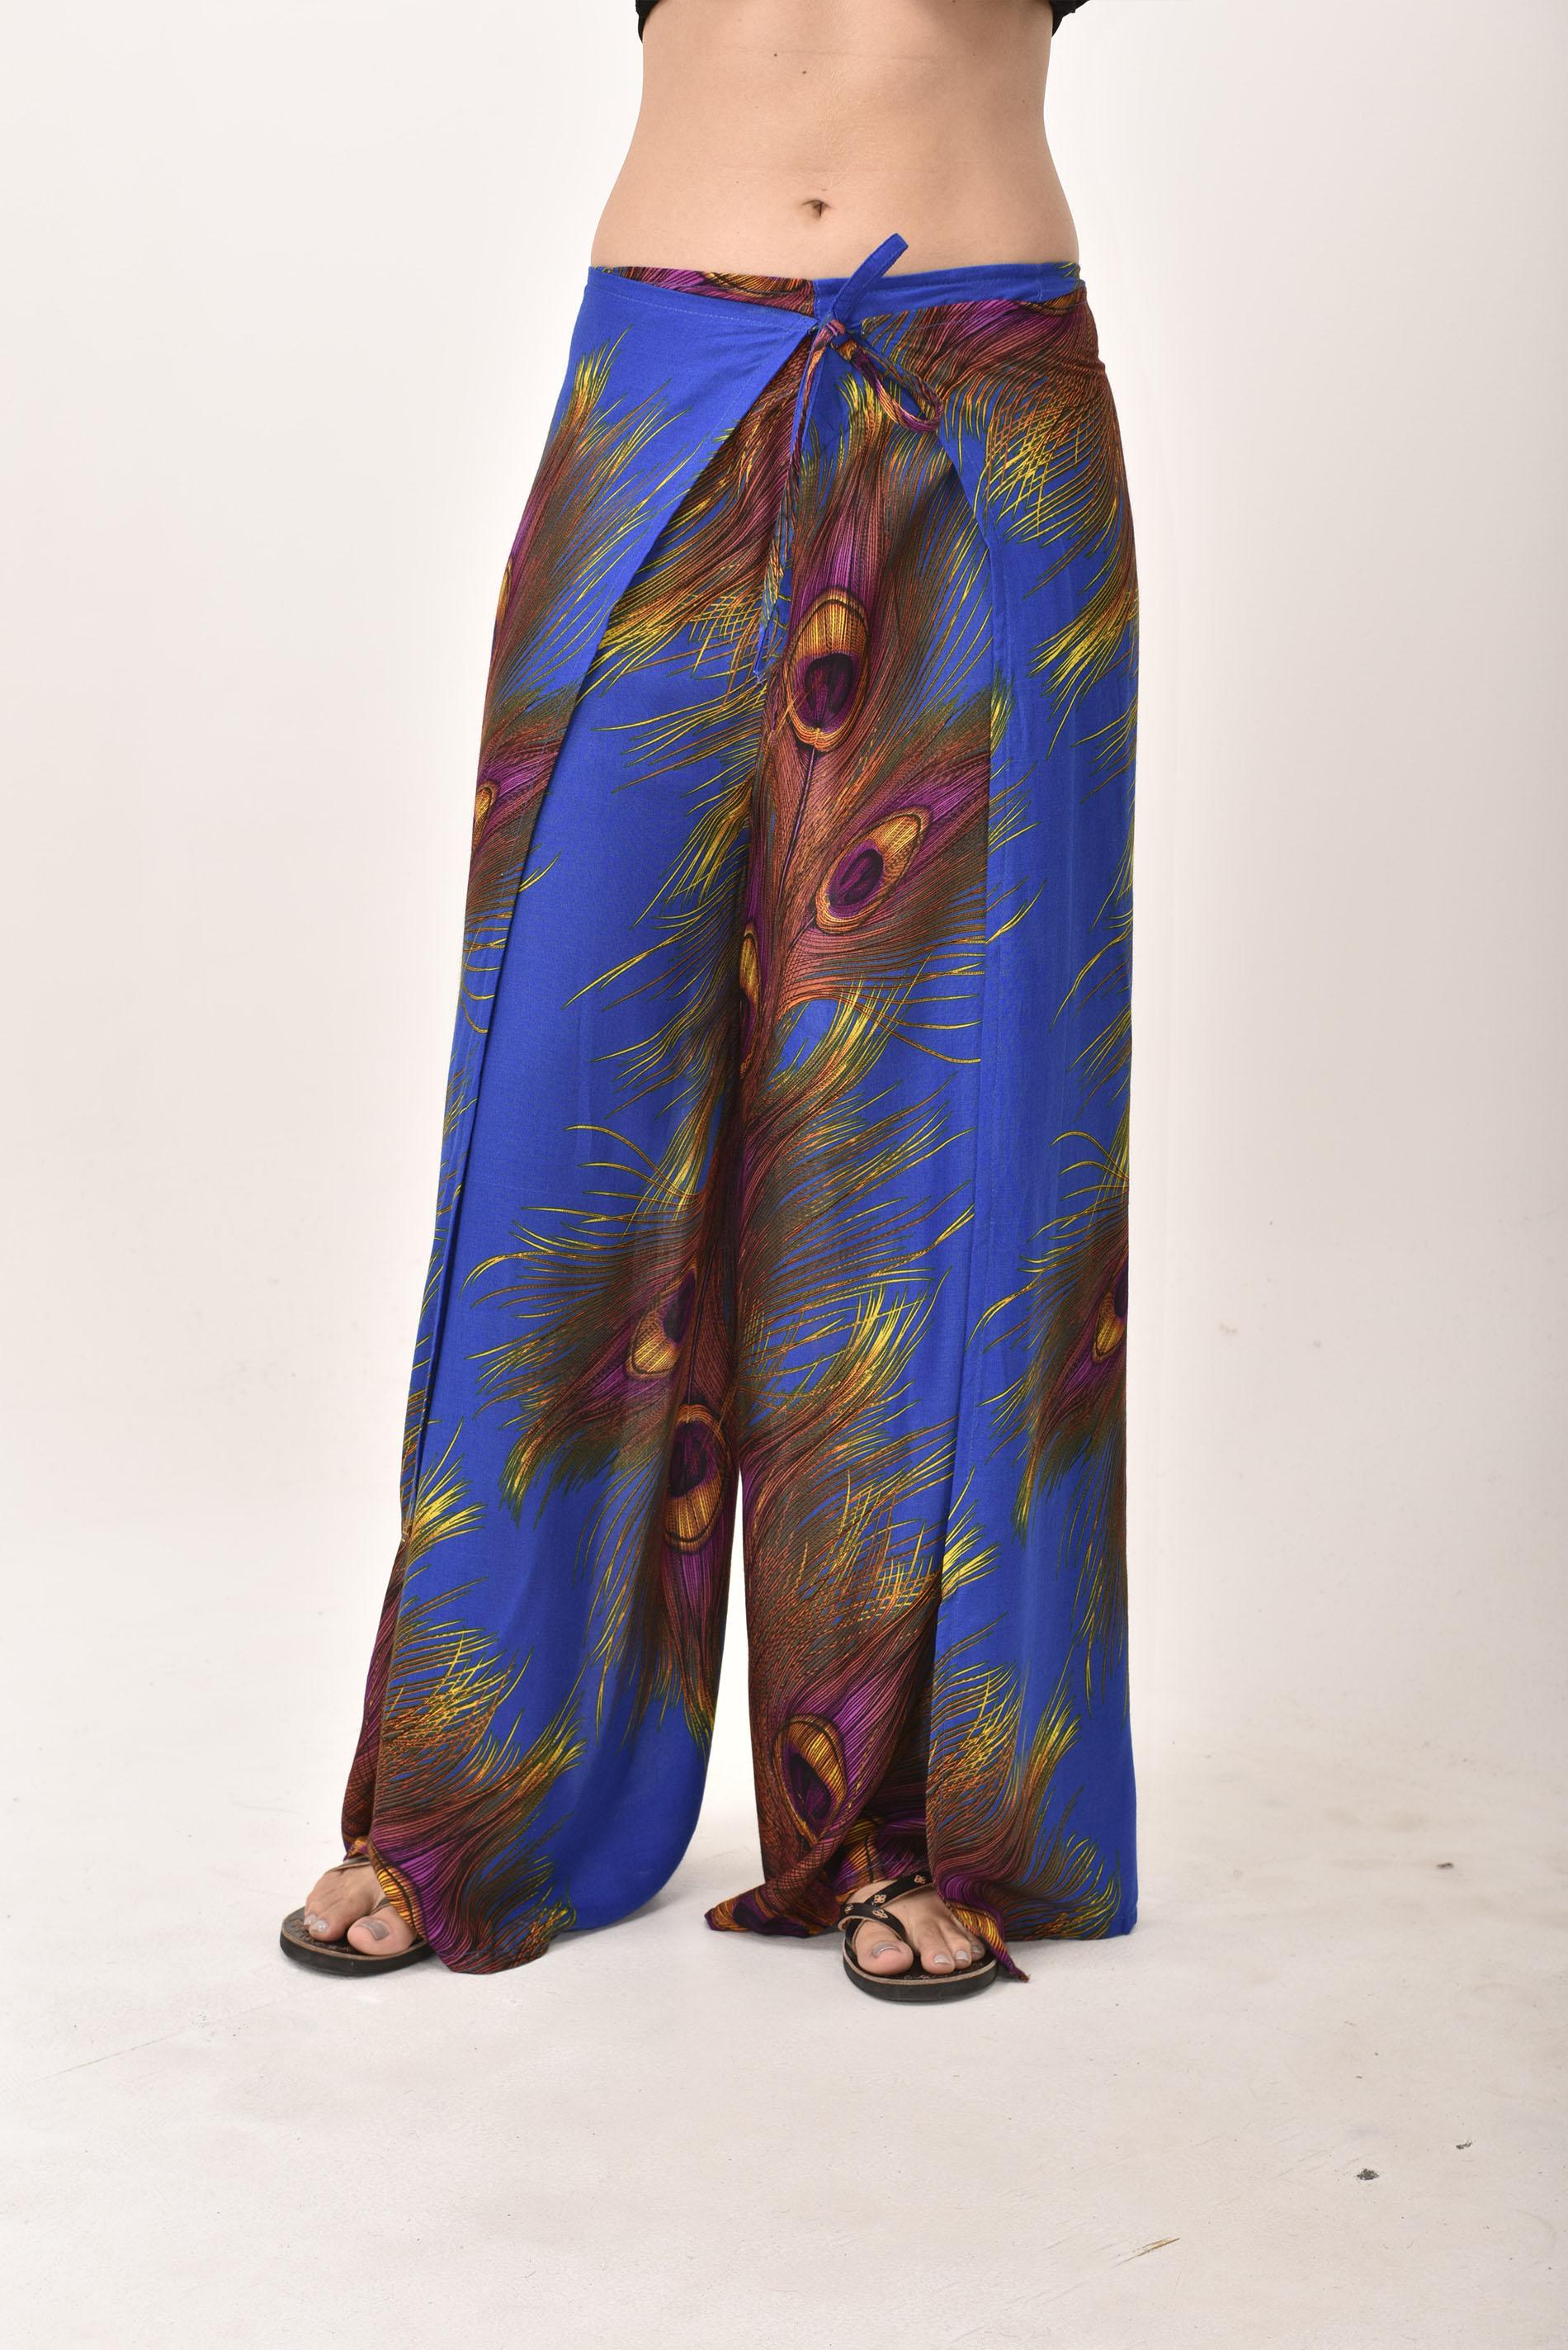 Wrap Pants Peacock Print, Blue - 4504b